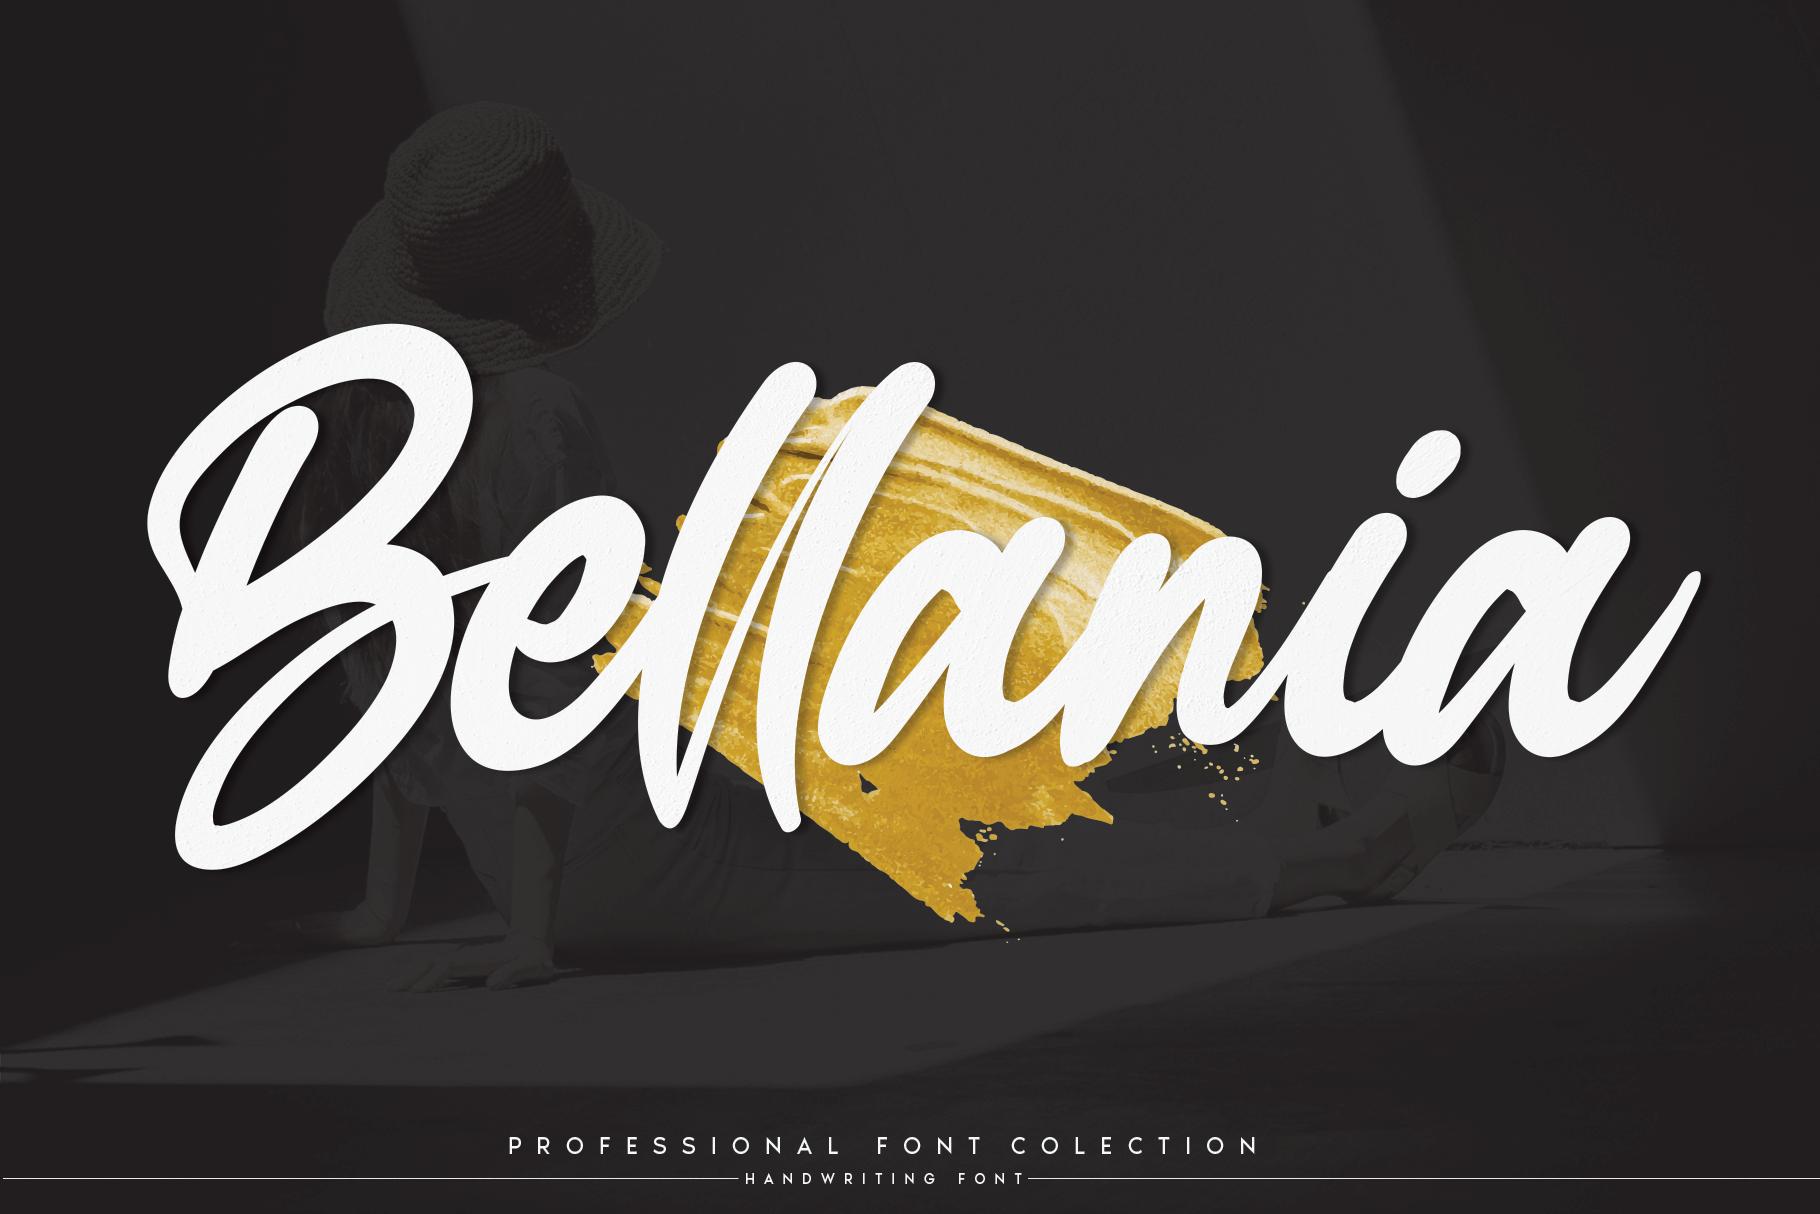 Bellania